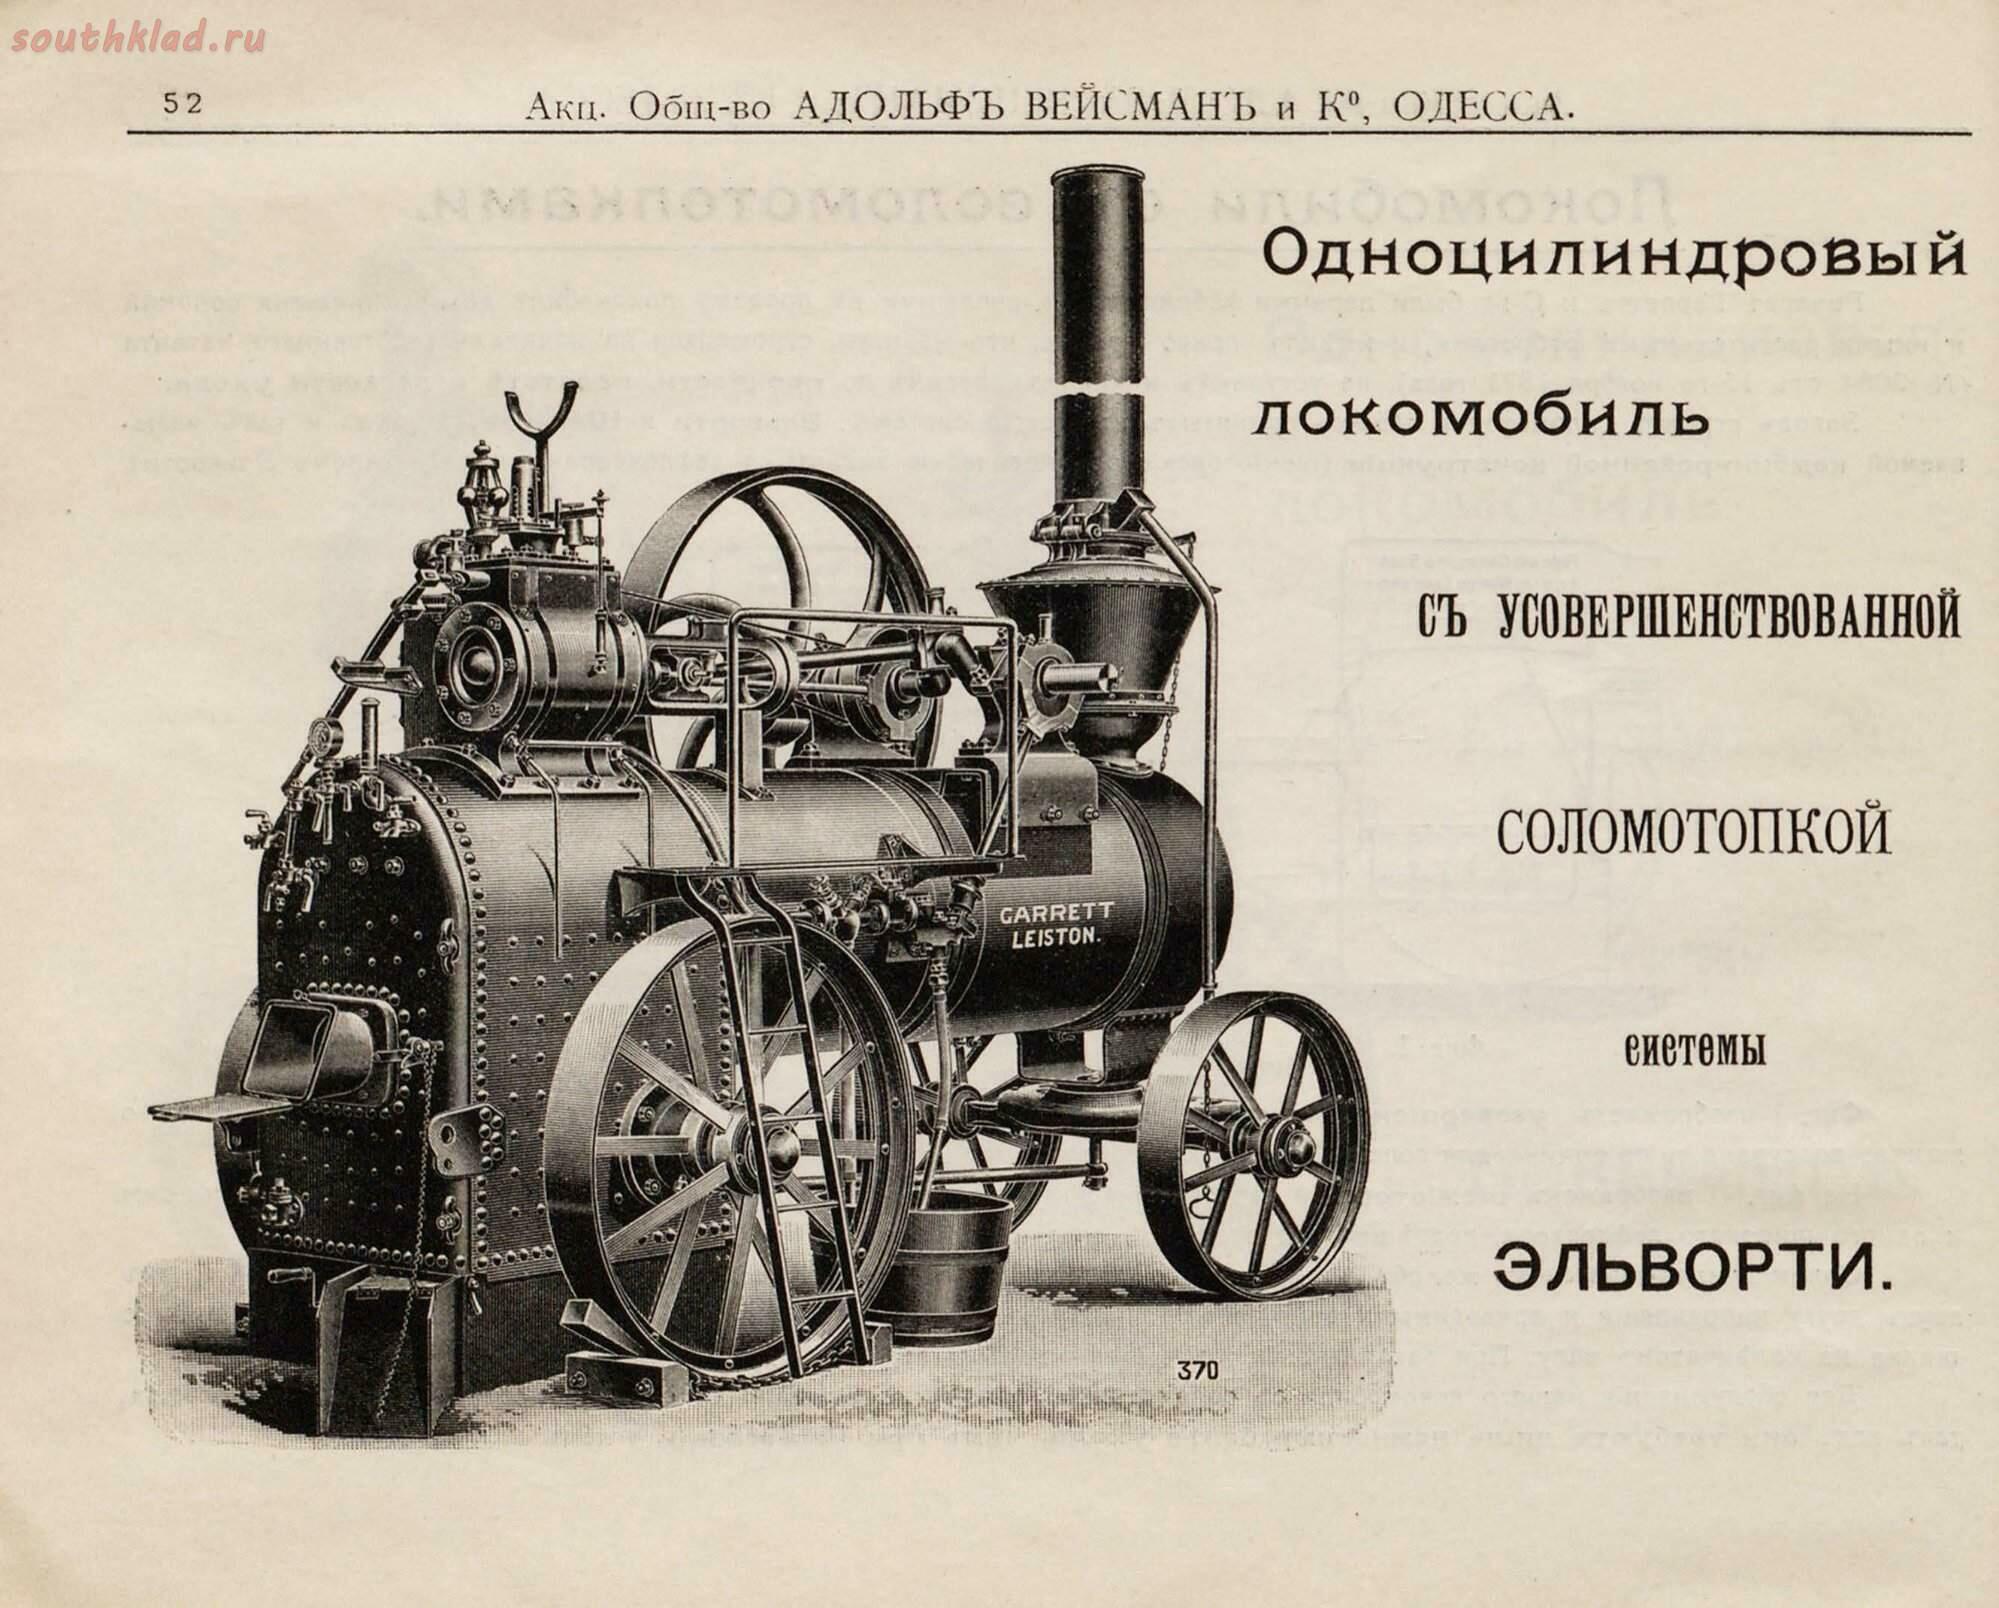 Локомобиль ЭЛЬВОРТИ.